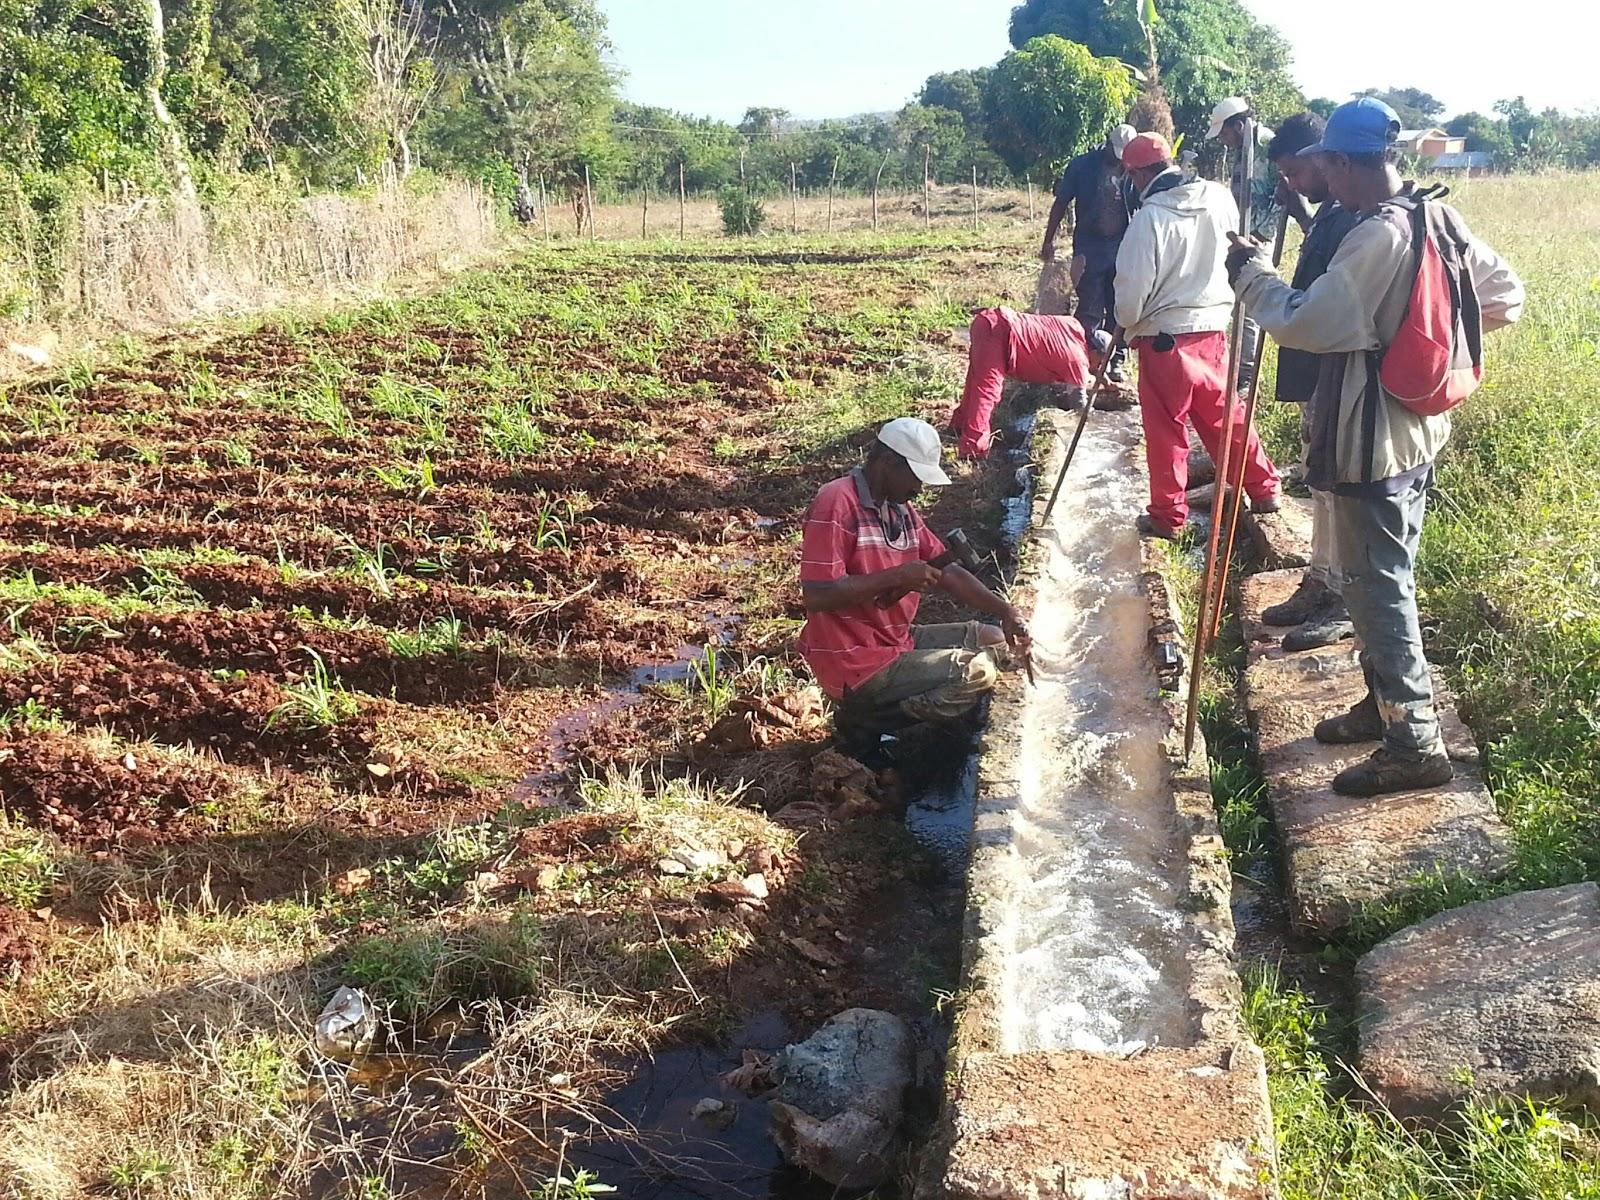 El consorcio azucarero central quita el agua a agricultores de La Guázara